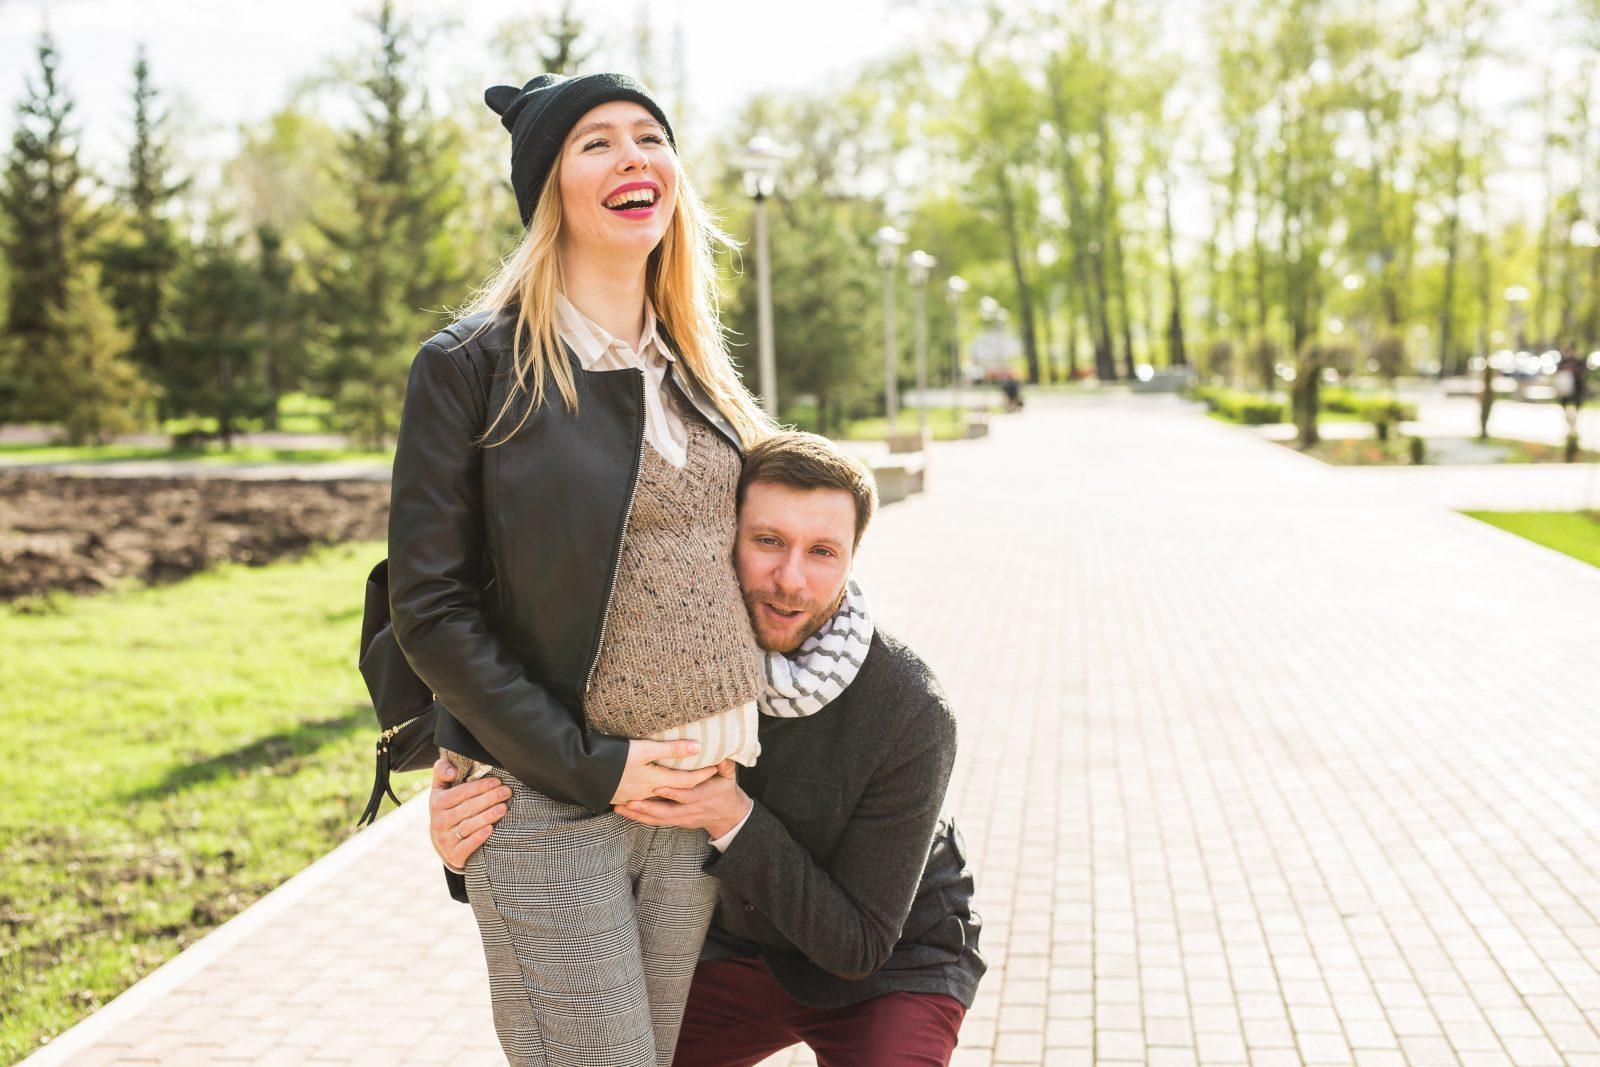 Беременность после 35: чем поможет генетик? 1